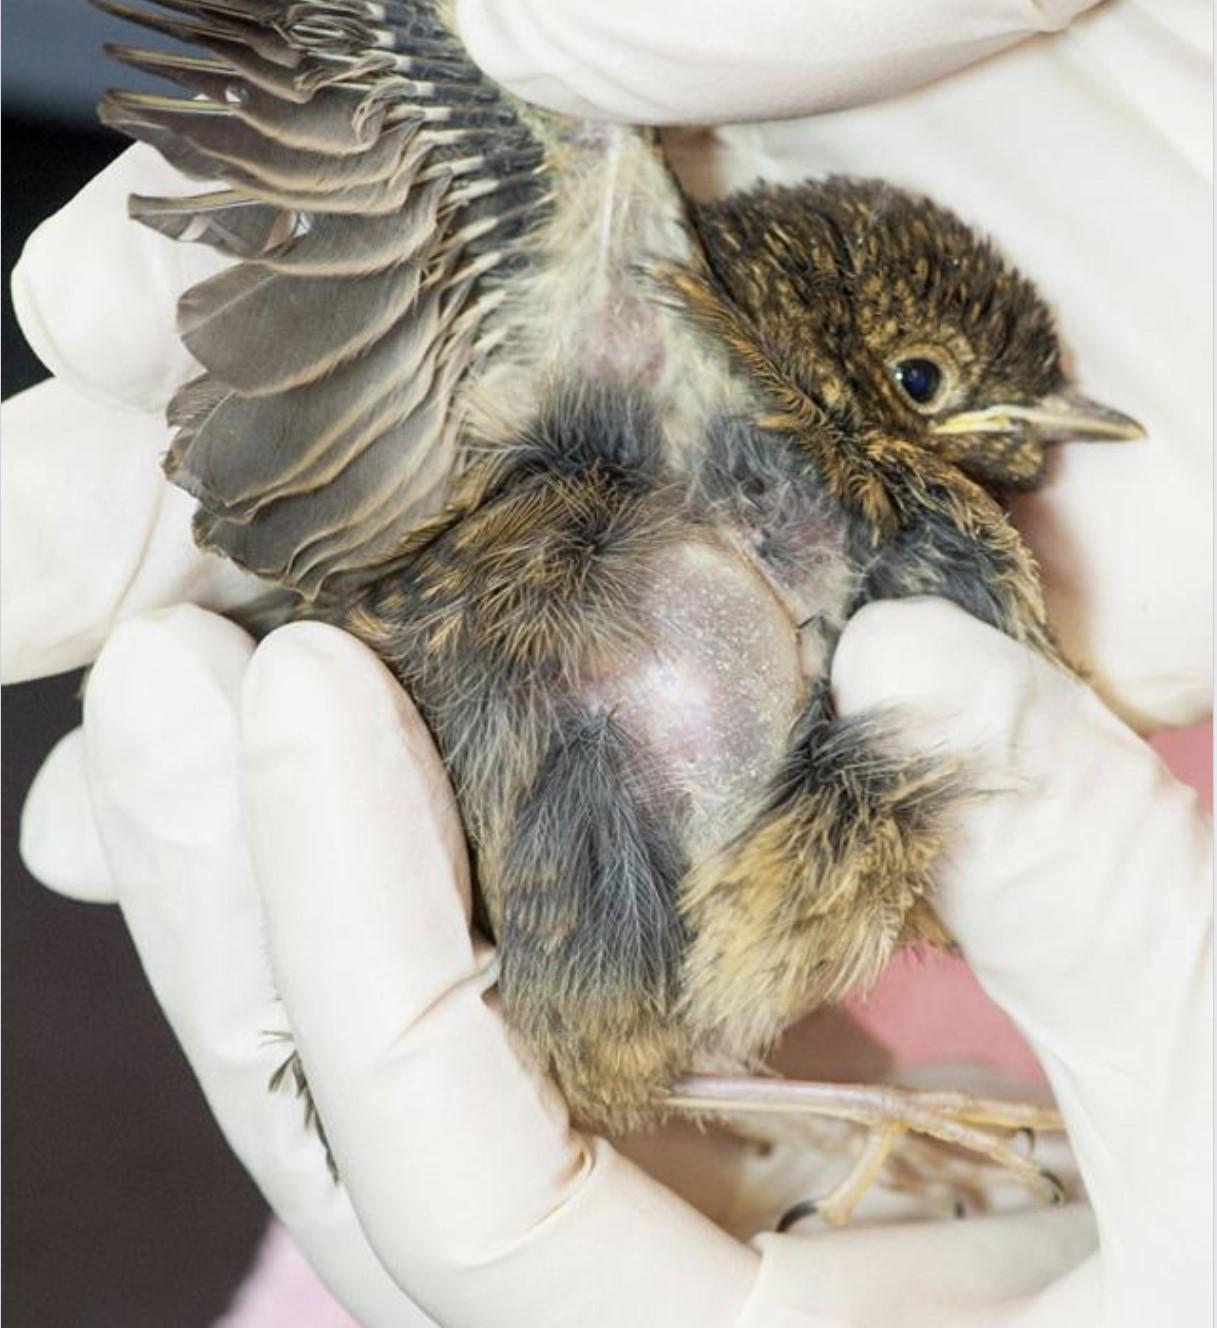 Driekwart van vogels die het Vogelhospitaal ontvangt overleeft kattenaanval niet: 'Het worden er alleen maar meer, want het hoogseizoen is net begonnen'